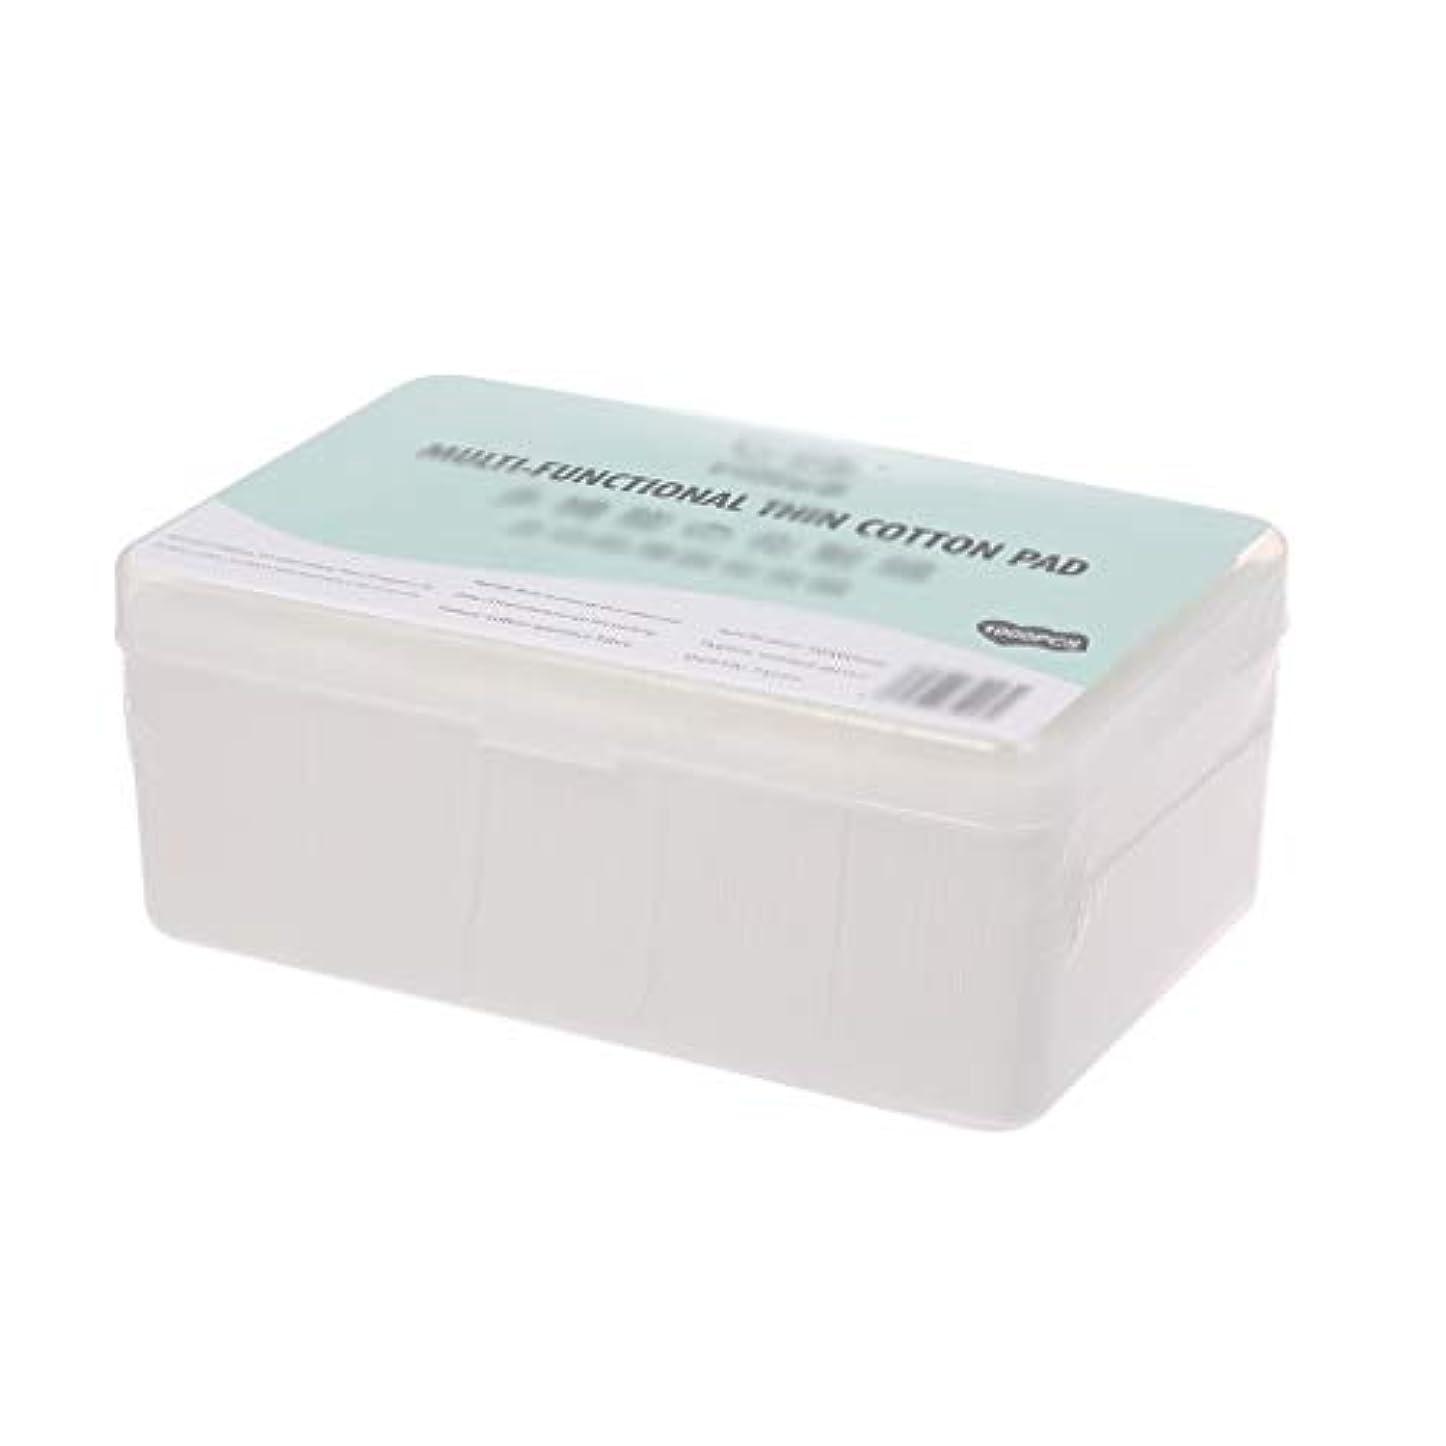 カップミシンフルートクレンジングシート 1000ピース箱入り使い捨て超薄型コットンメイク落としネイルポリッシュリムーバークレンジングティッシュペーパーペーパー (Color : White, サイズ : 5*6cm)